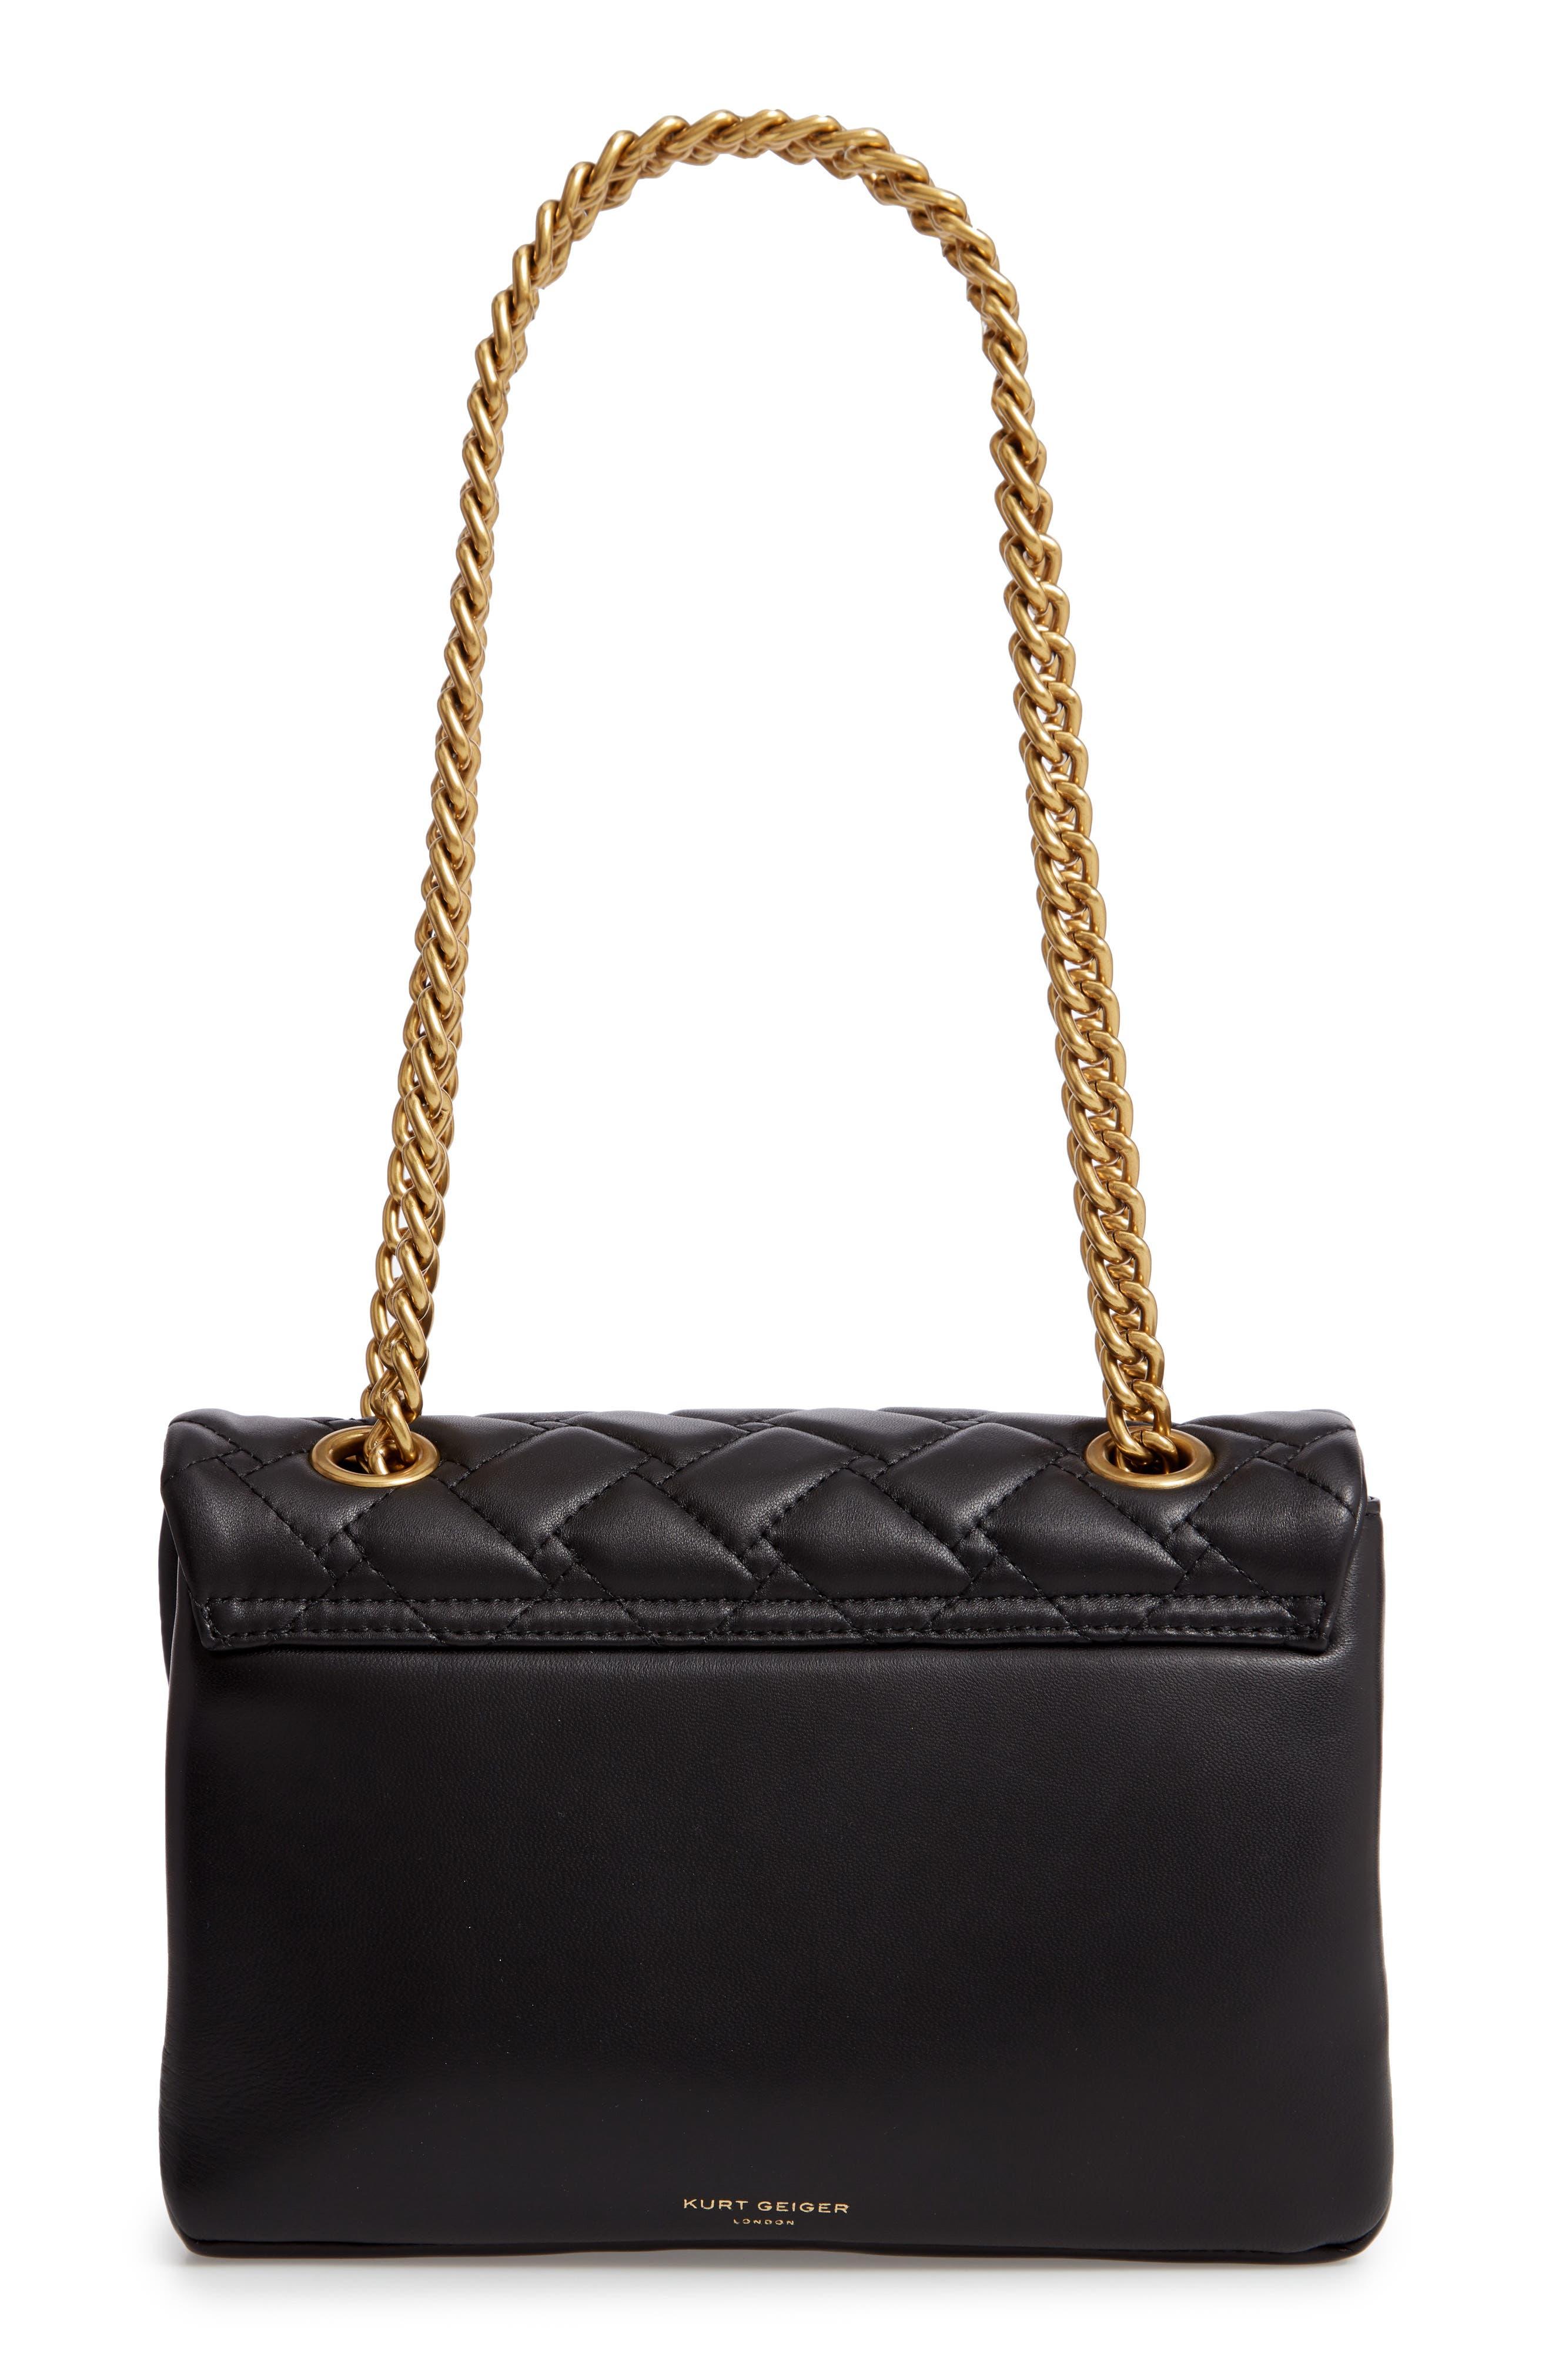 KURT GEIGER LONDON,                             Kensington Quilted Leather Shoulder Bag,                             Alternate thumbnail 3, color,                             BLACK